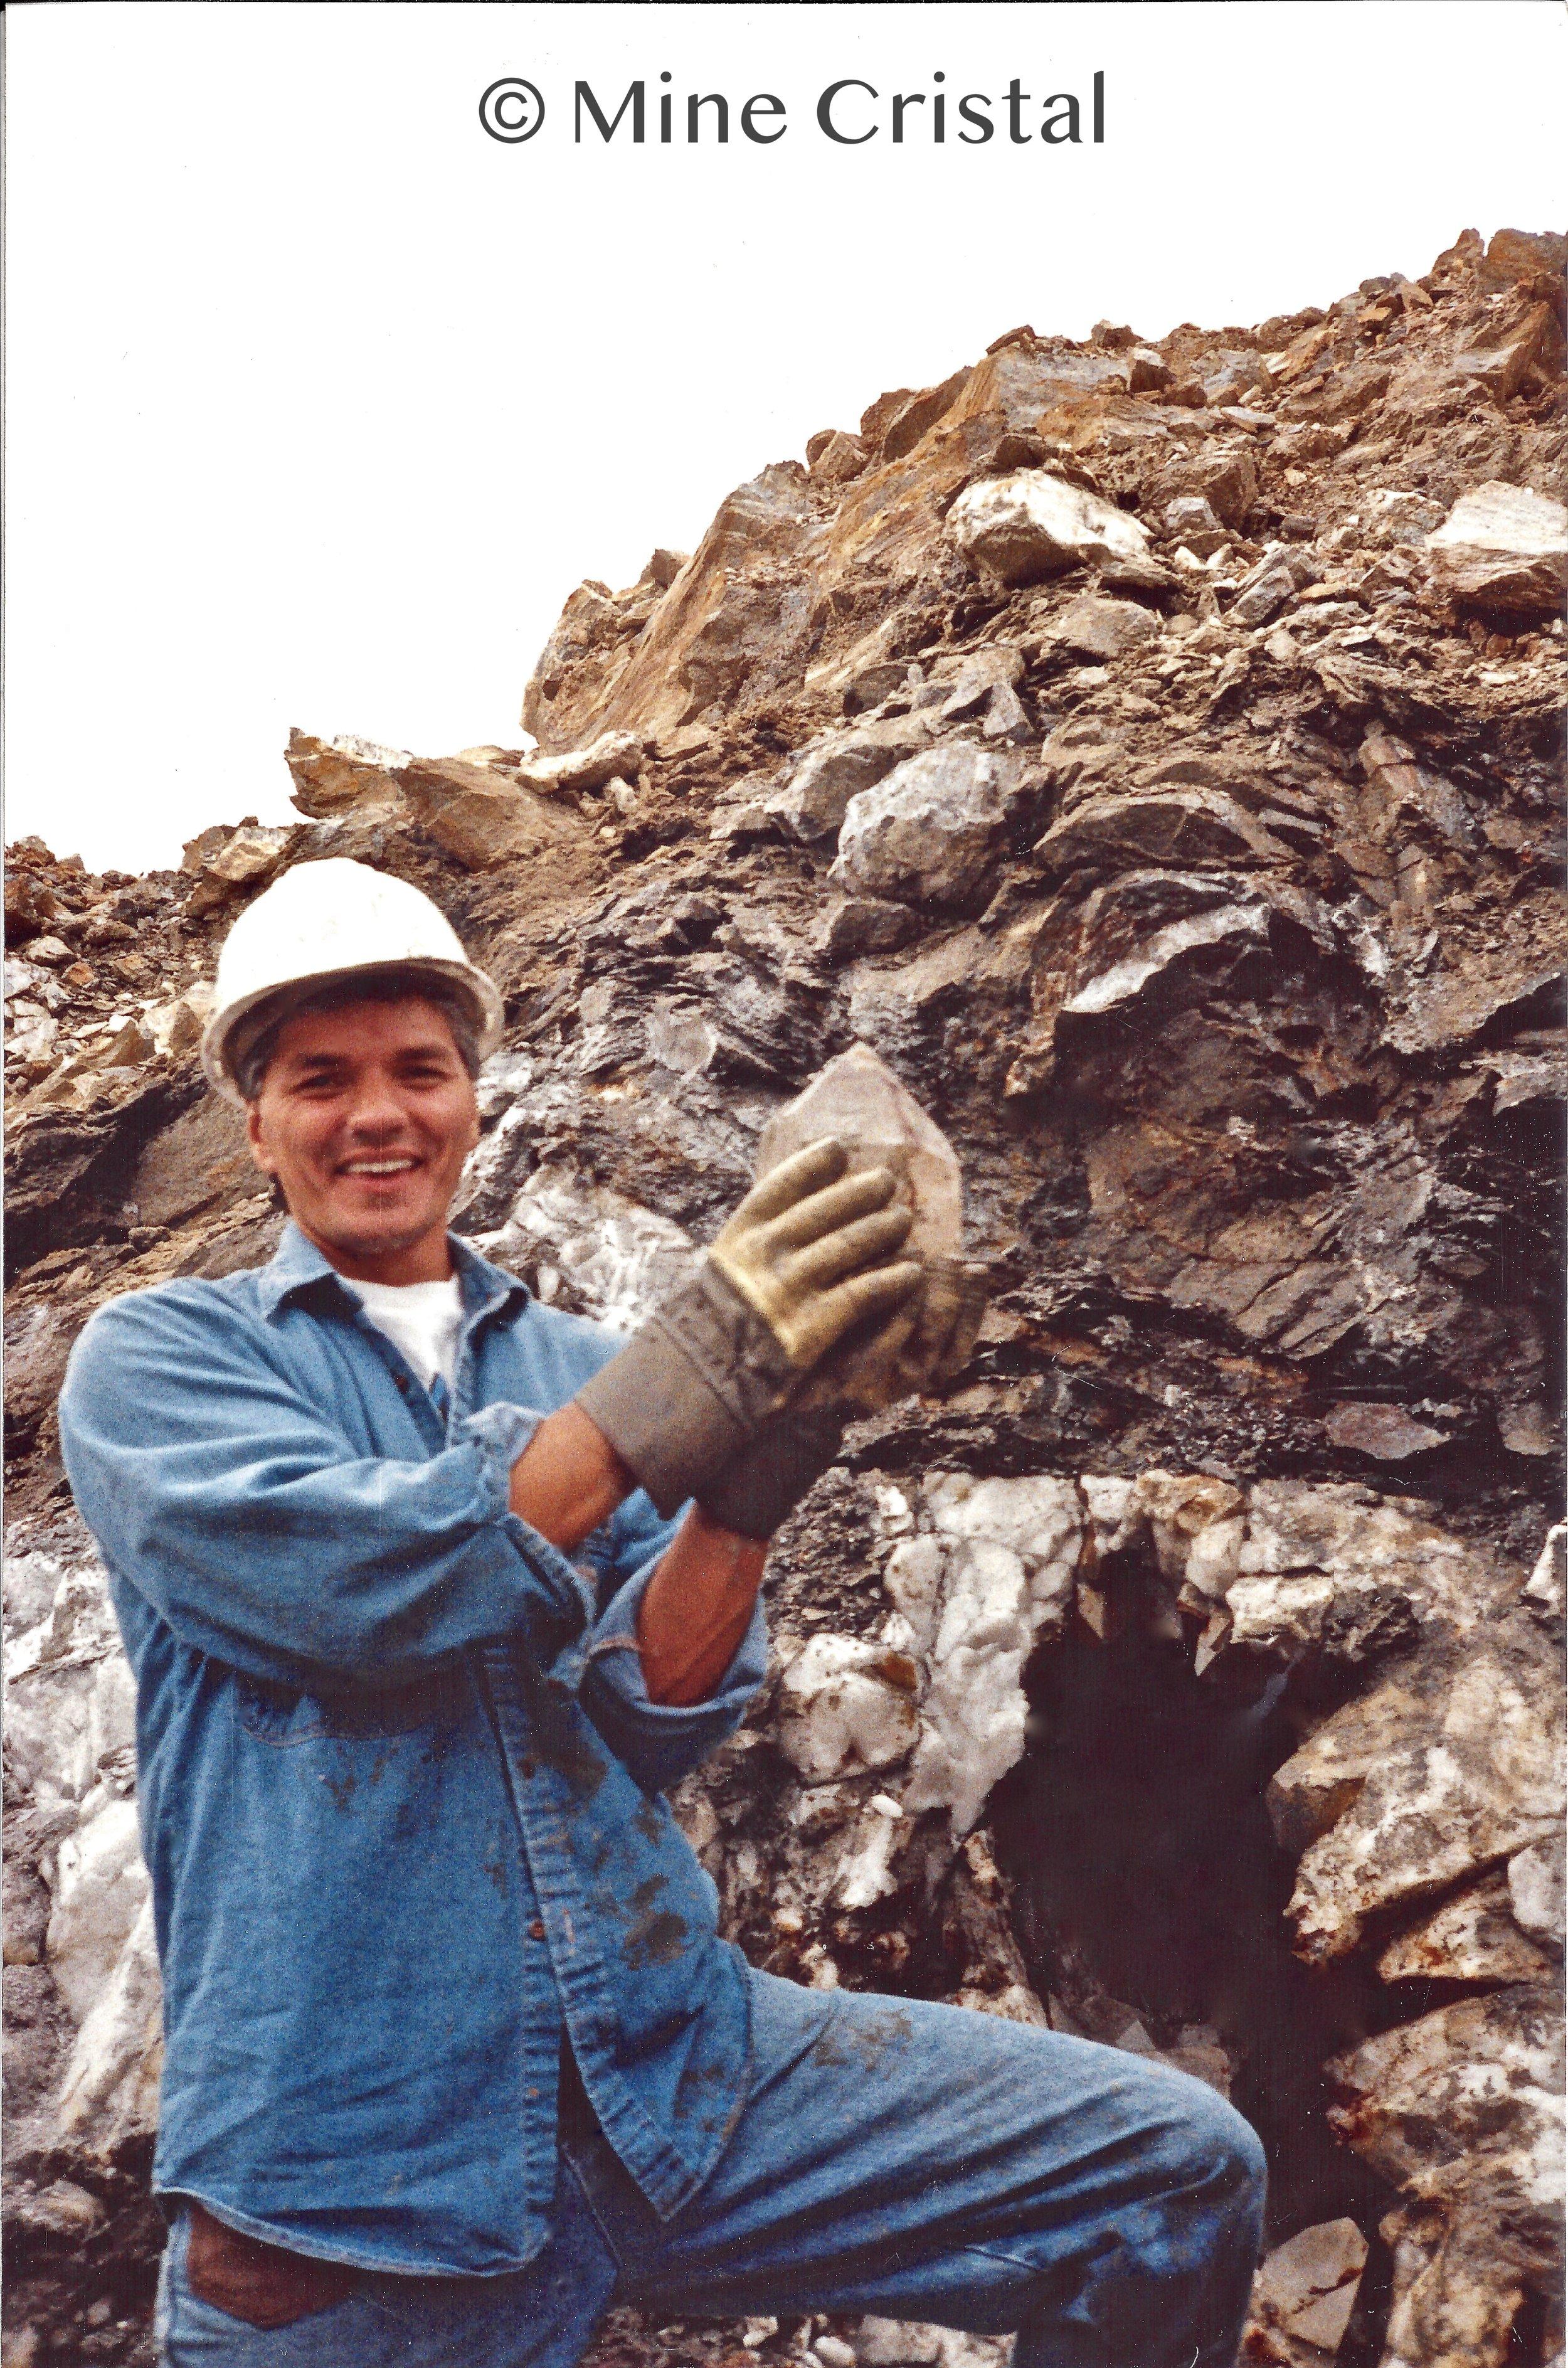 En 1989, Gaudry Normand et Pauline Normand fondent Mine Cristal et se lancent dans l'exploration minière à Bonsecours. Ils ont découvert un riche gisement, une veine de quartz blanc géant contenant de magnifiques cristaux de quartz. Les recherches ont révélé qu'il s'agissait de la seule région minière au Canada capable de produire à la fois des quantités commerciales de quartz et des cristaux de quartz de première qualité.